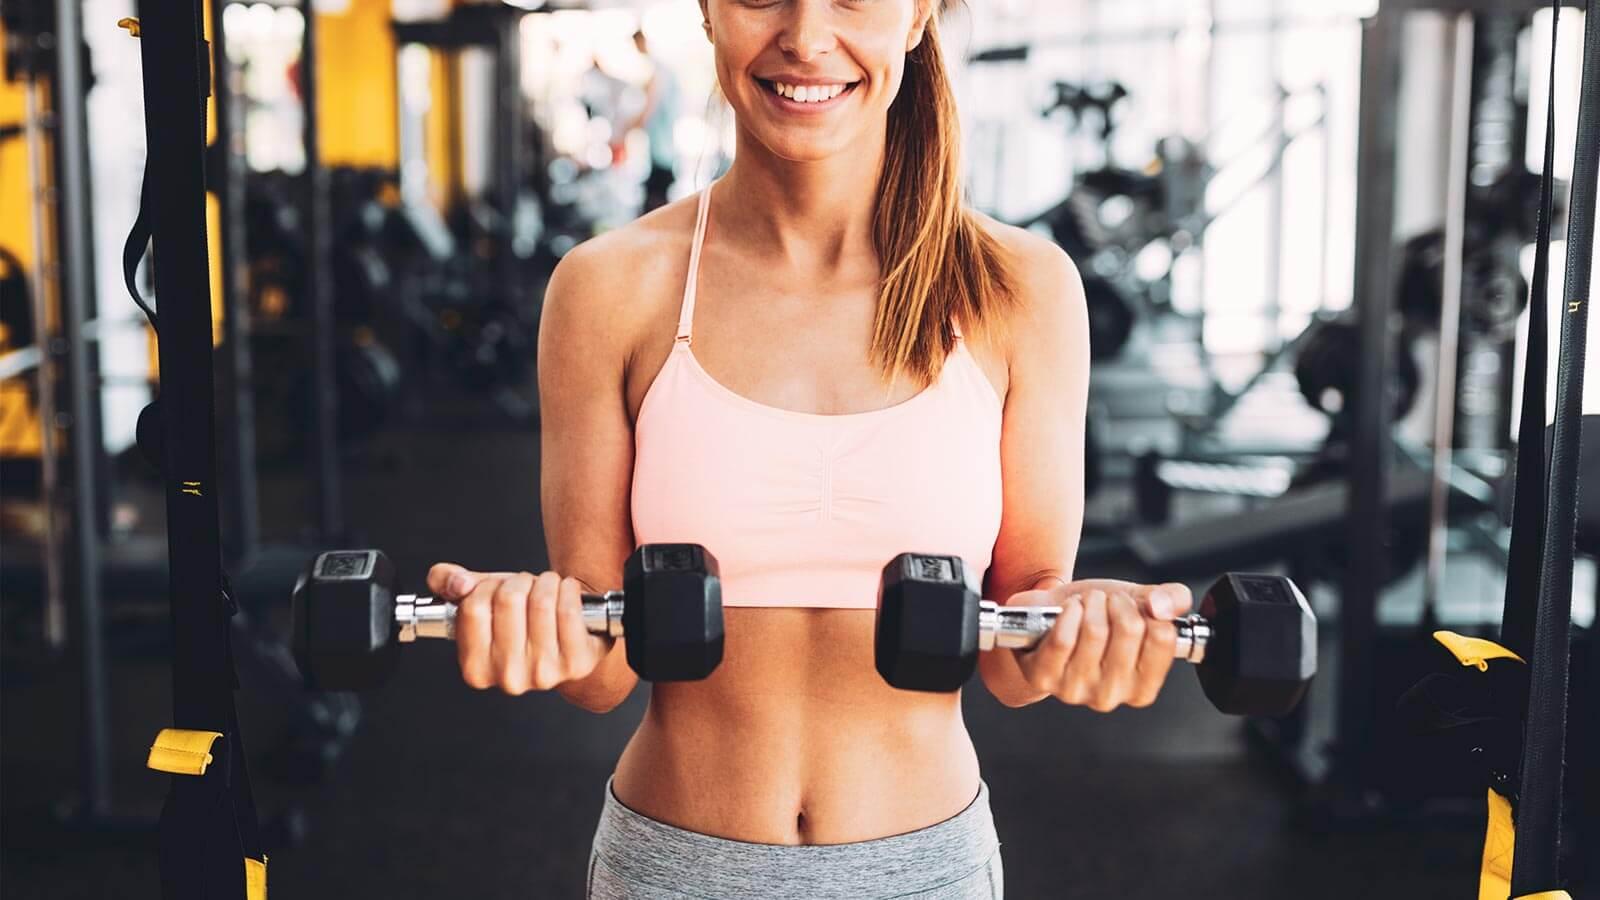 Les astuces pour réduire la graisse corporelle rapidement